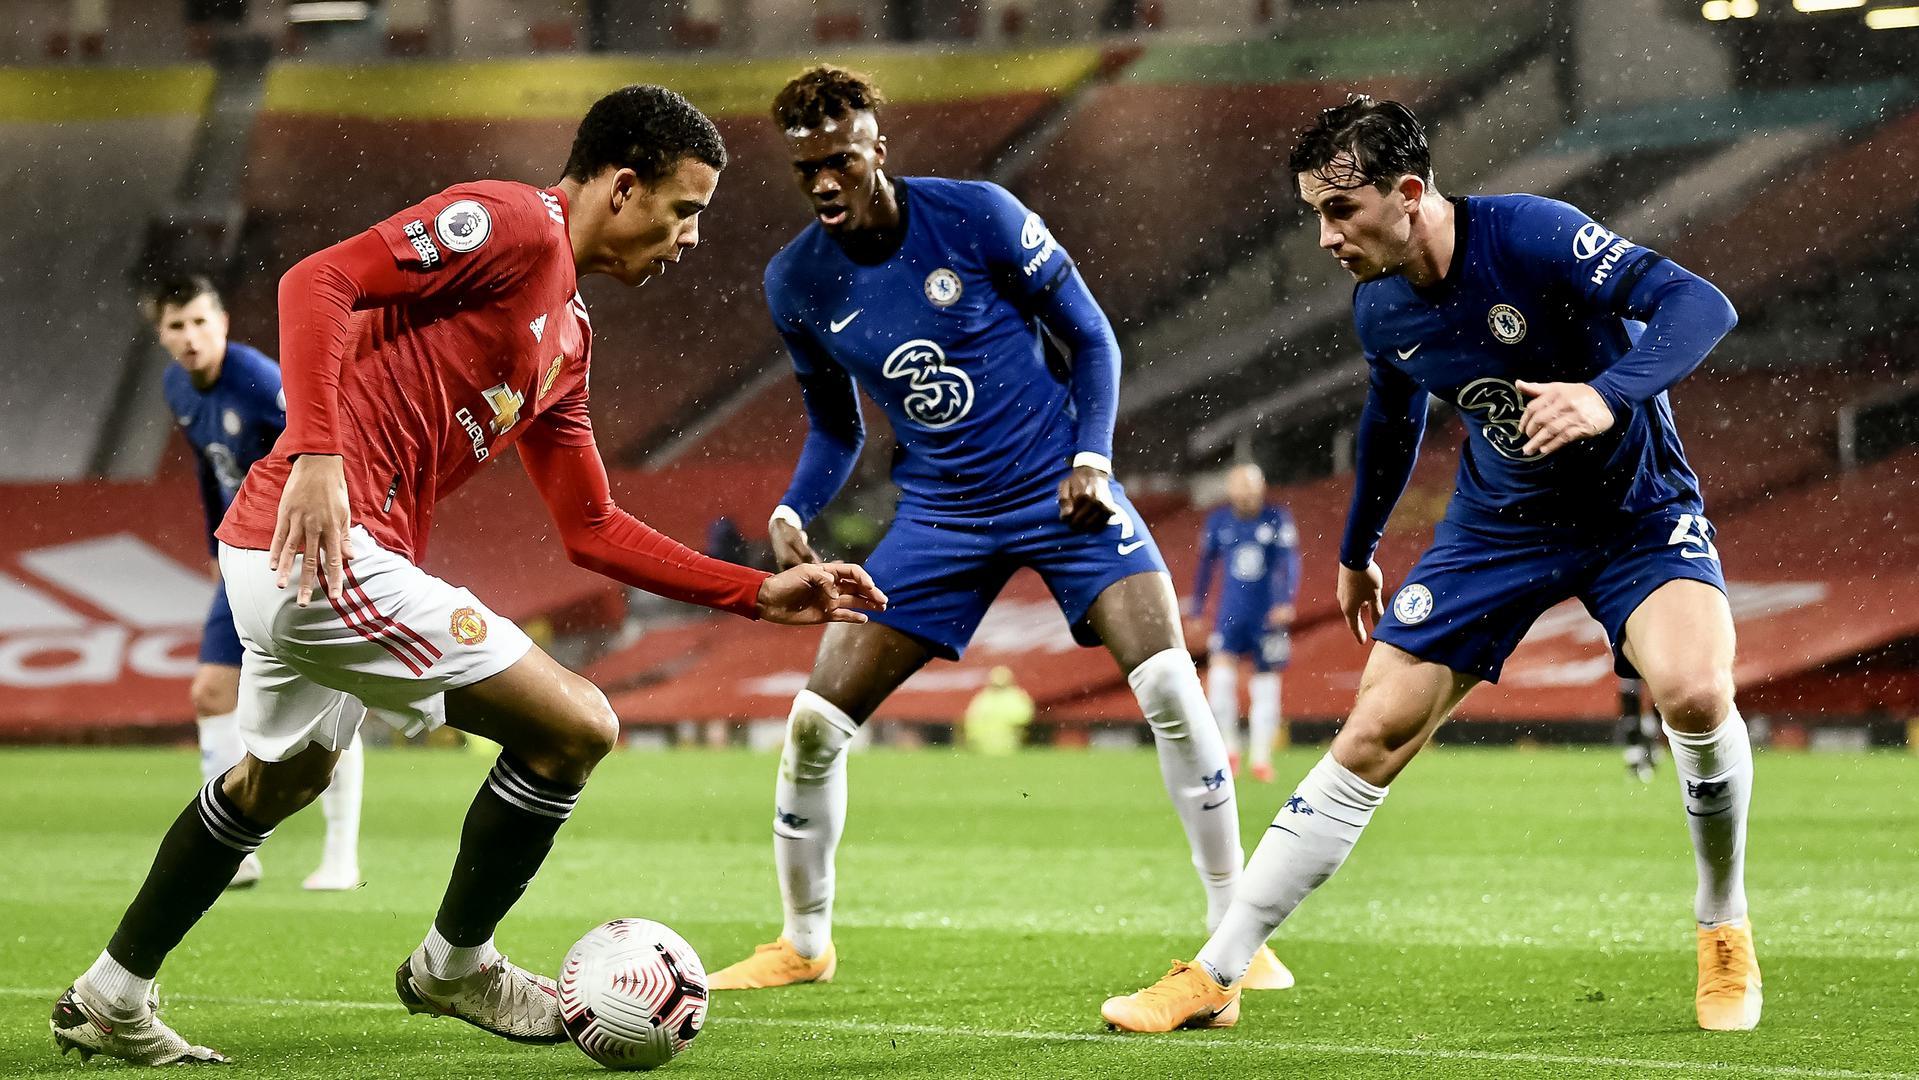 Челси срещу Манчестър Юнайтед (стартови състави) 19